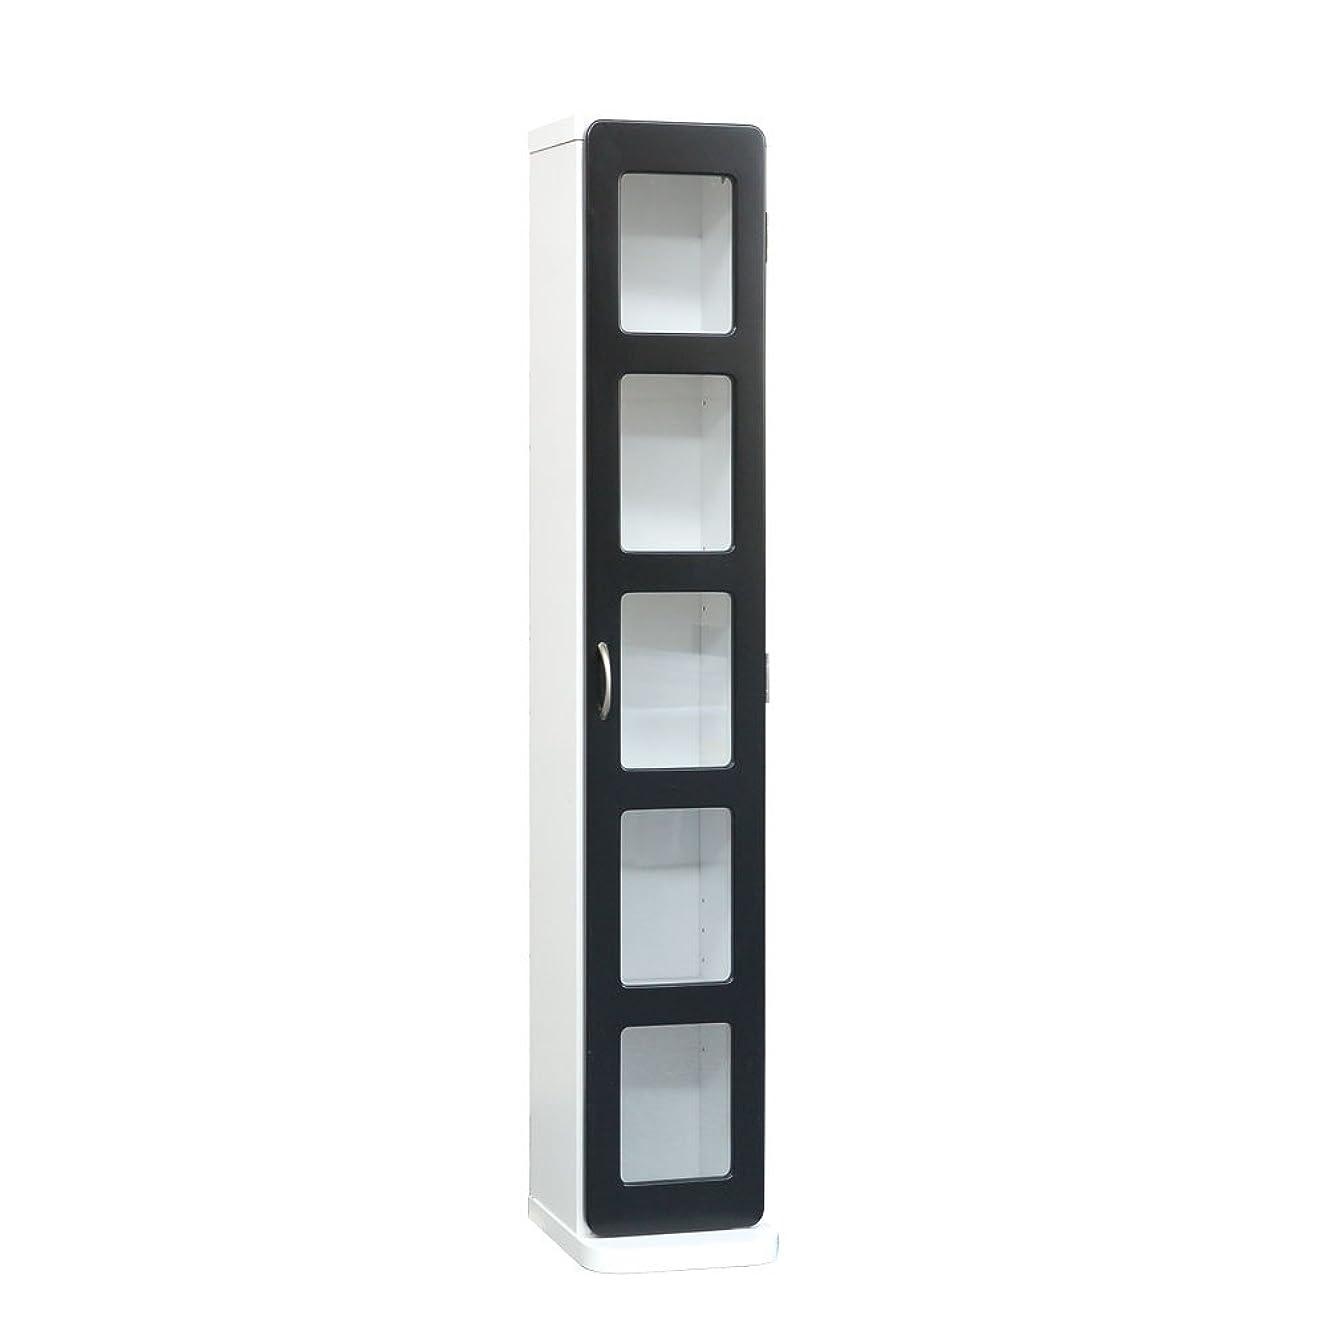 ヒュームインセンティブ関税ぼん家具 コミック収納棚 書棚 本棚 CD収納 シェルフ ディスプレイ ガラス 5段タイプ ブラック